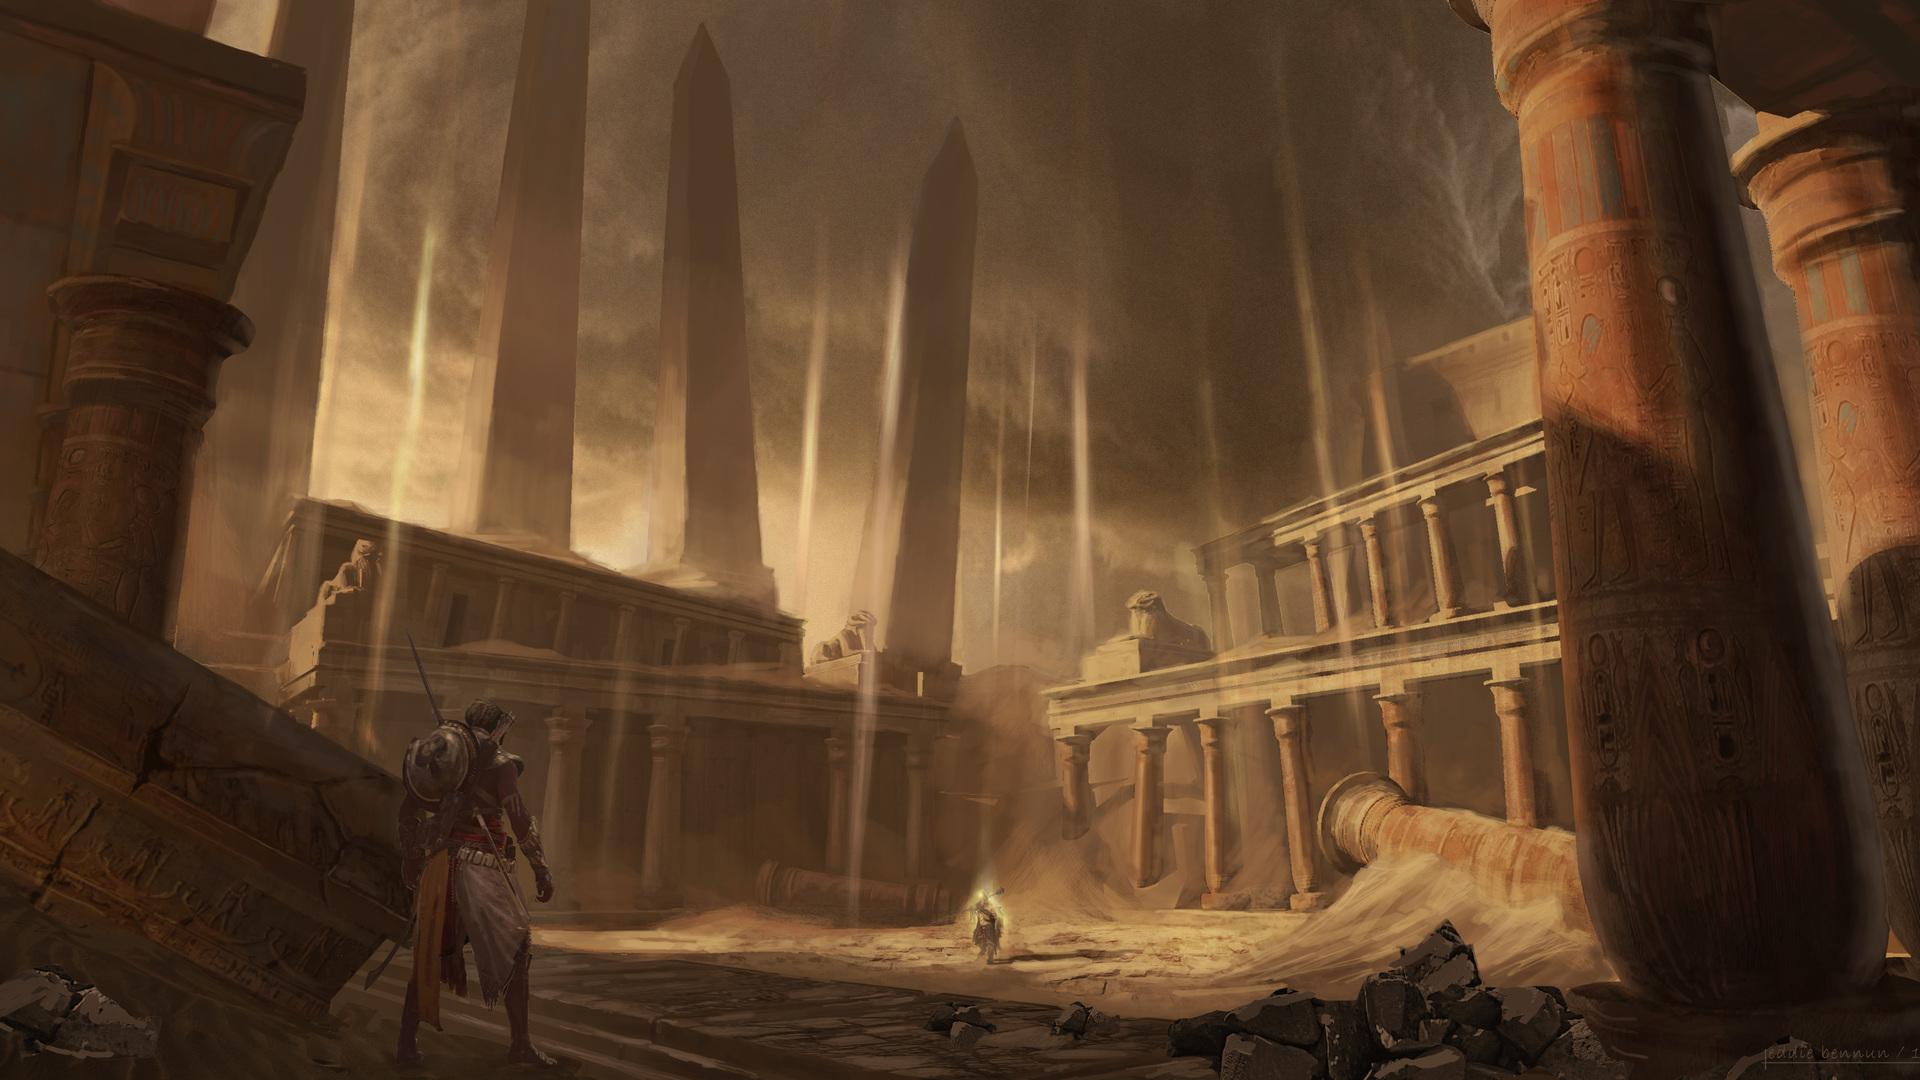 assassins creed origins concept art 1920x1080